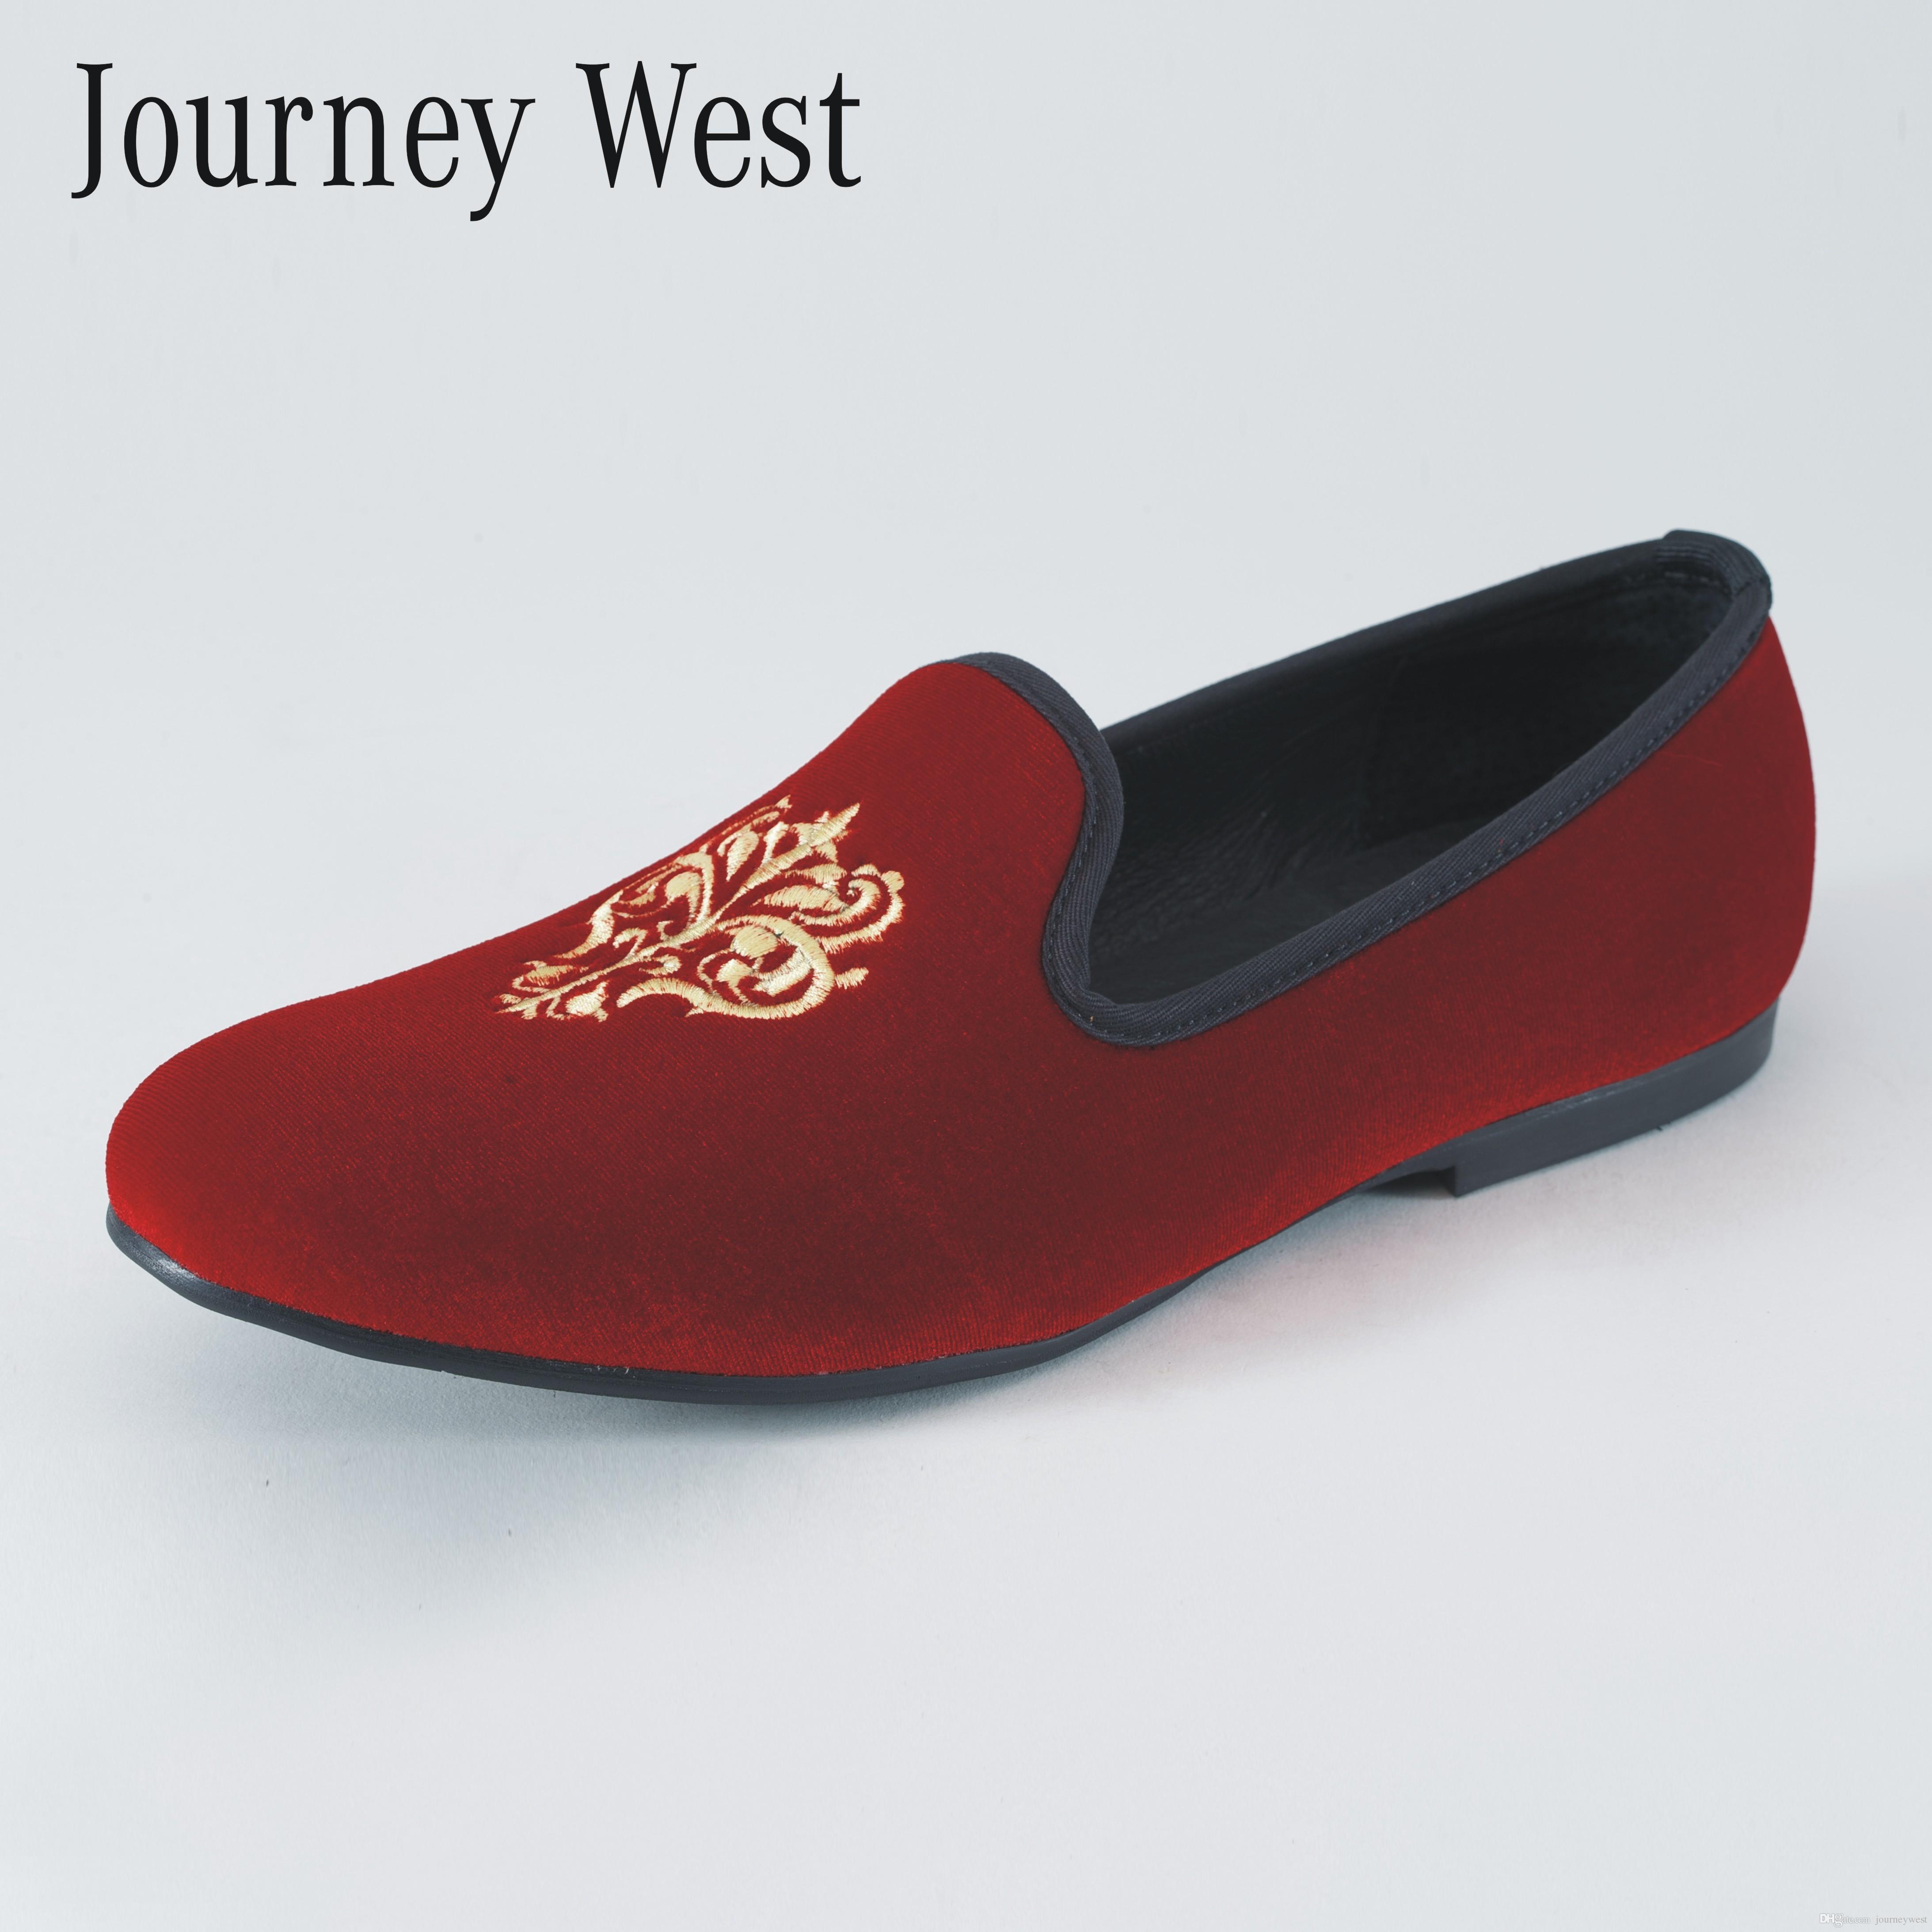 Acquista Mocassini Fatti A Mano In Velluto Rosso Pantofola Mocassini Slip  On Scarpe Da Uomo Scarpe Da Donna Scarpe Da Cerimonia Scarpe Da Sposa Di  Lusso ... 97ea845f54c